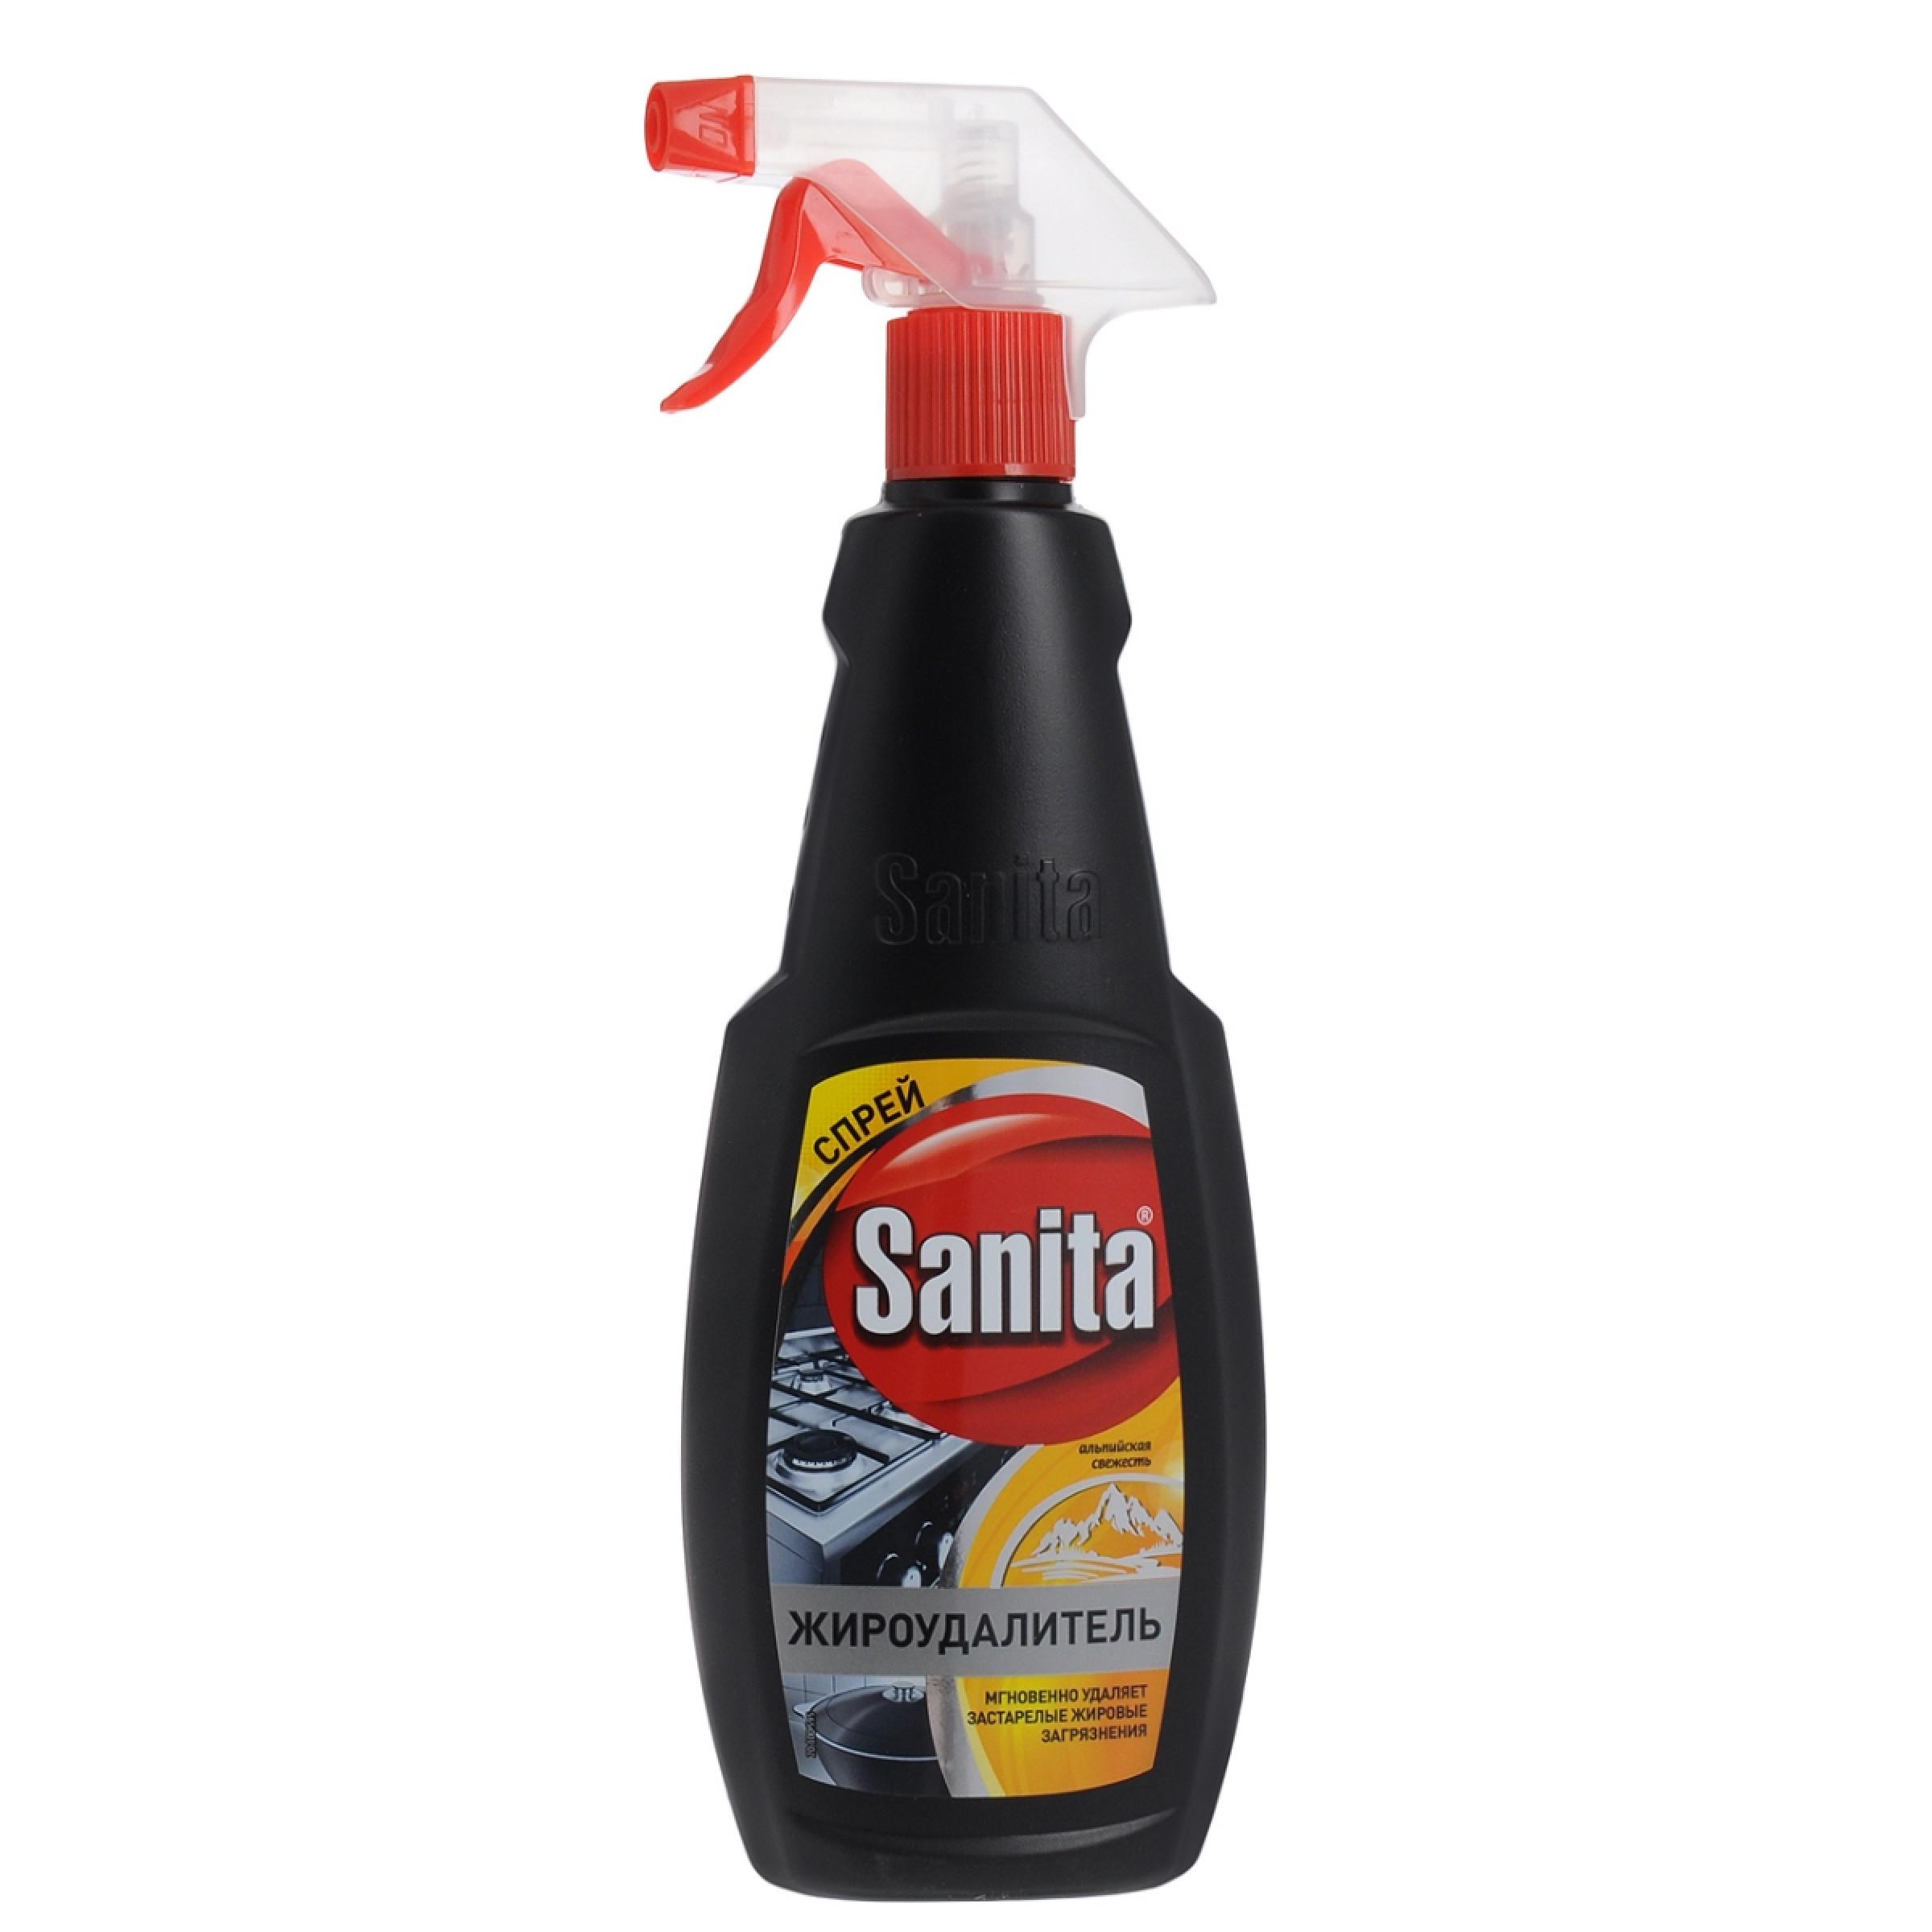 """Жироудалитель """"Sanita"""", 500 мл"""